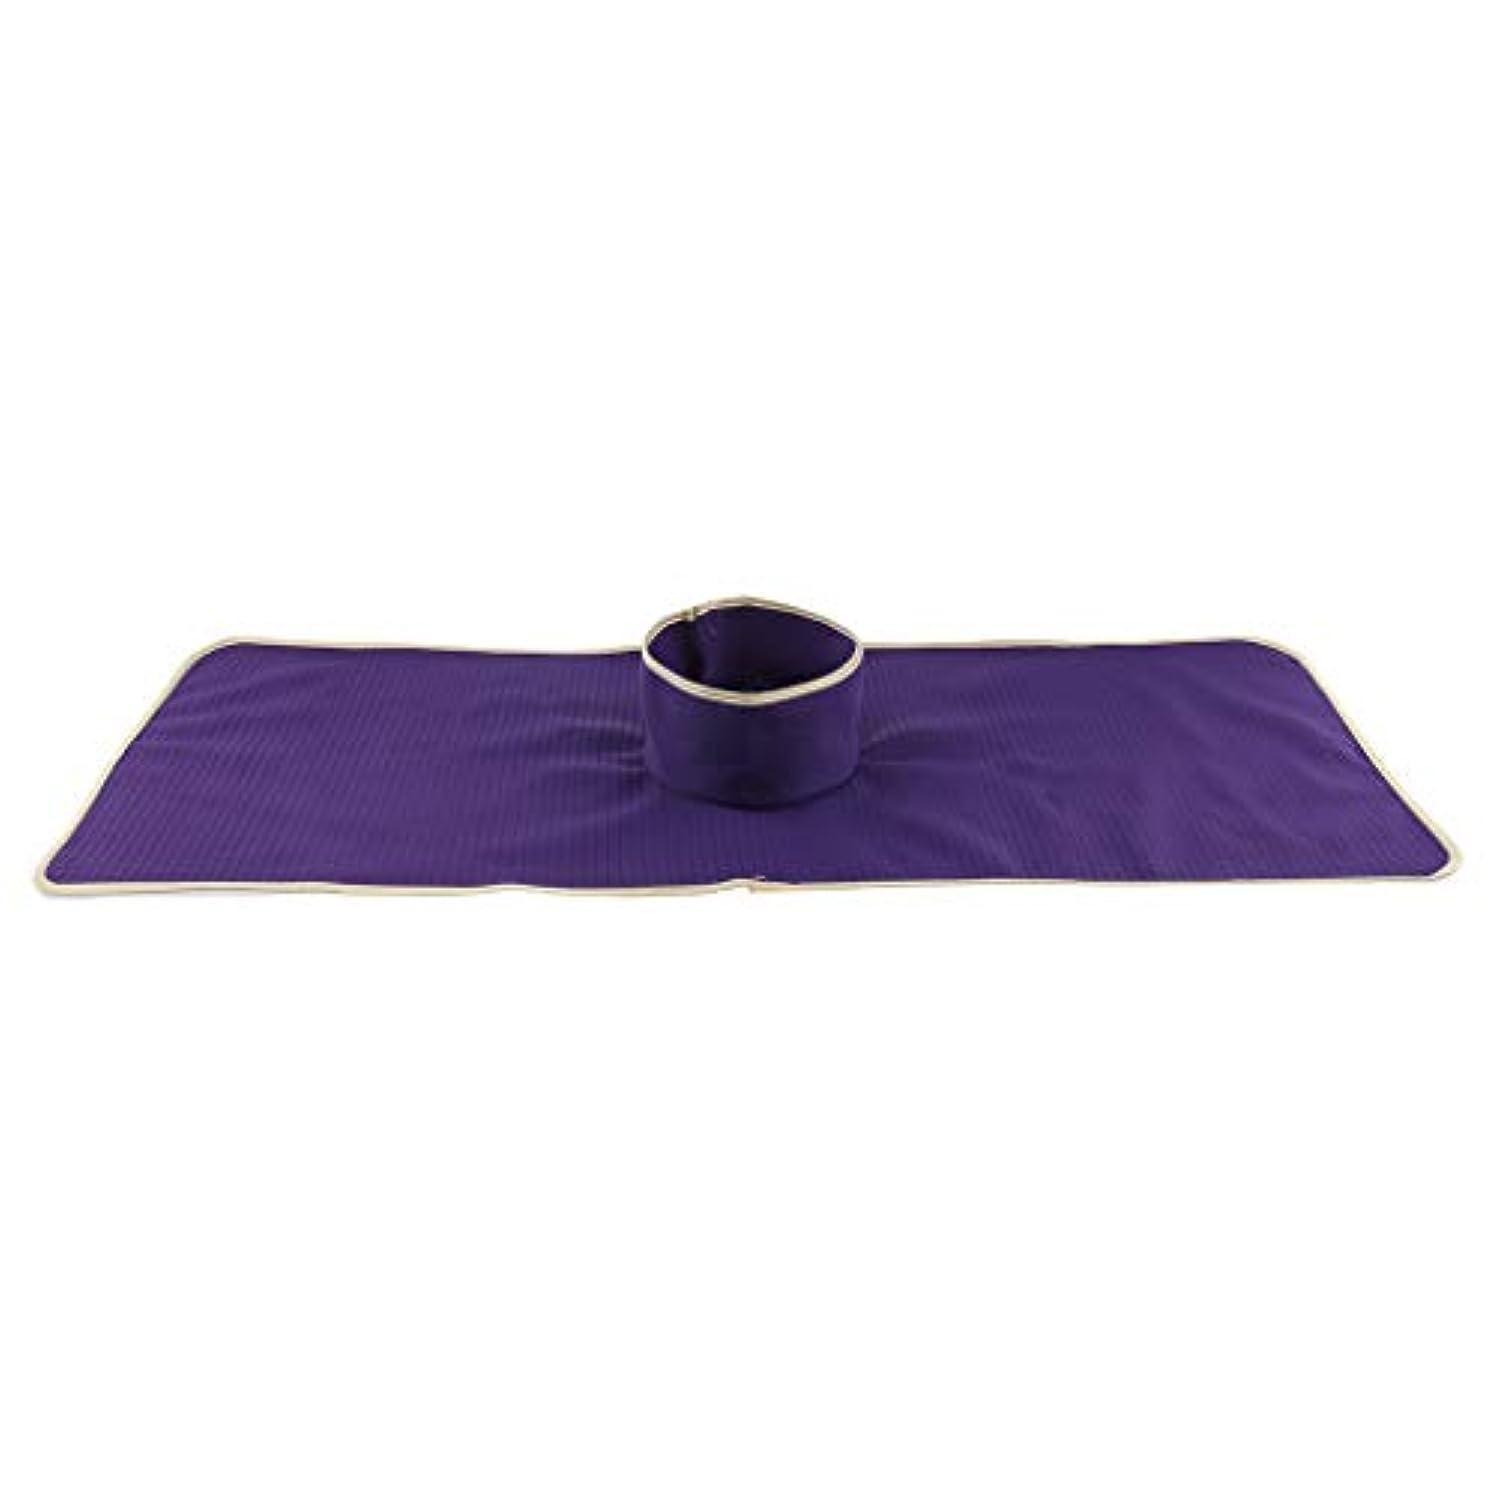 動かす石炭寝室を掃除するFLAMEER マッサージのベッド用 パッド マット 顔の穴付き 洗える 約90×35cm 全3色 - 紫